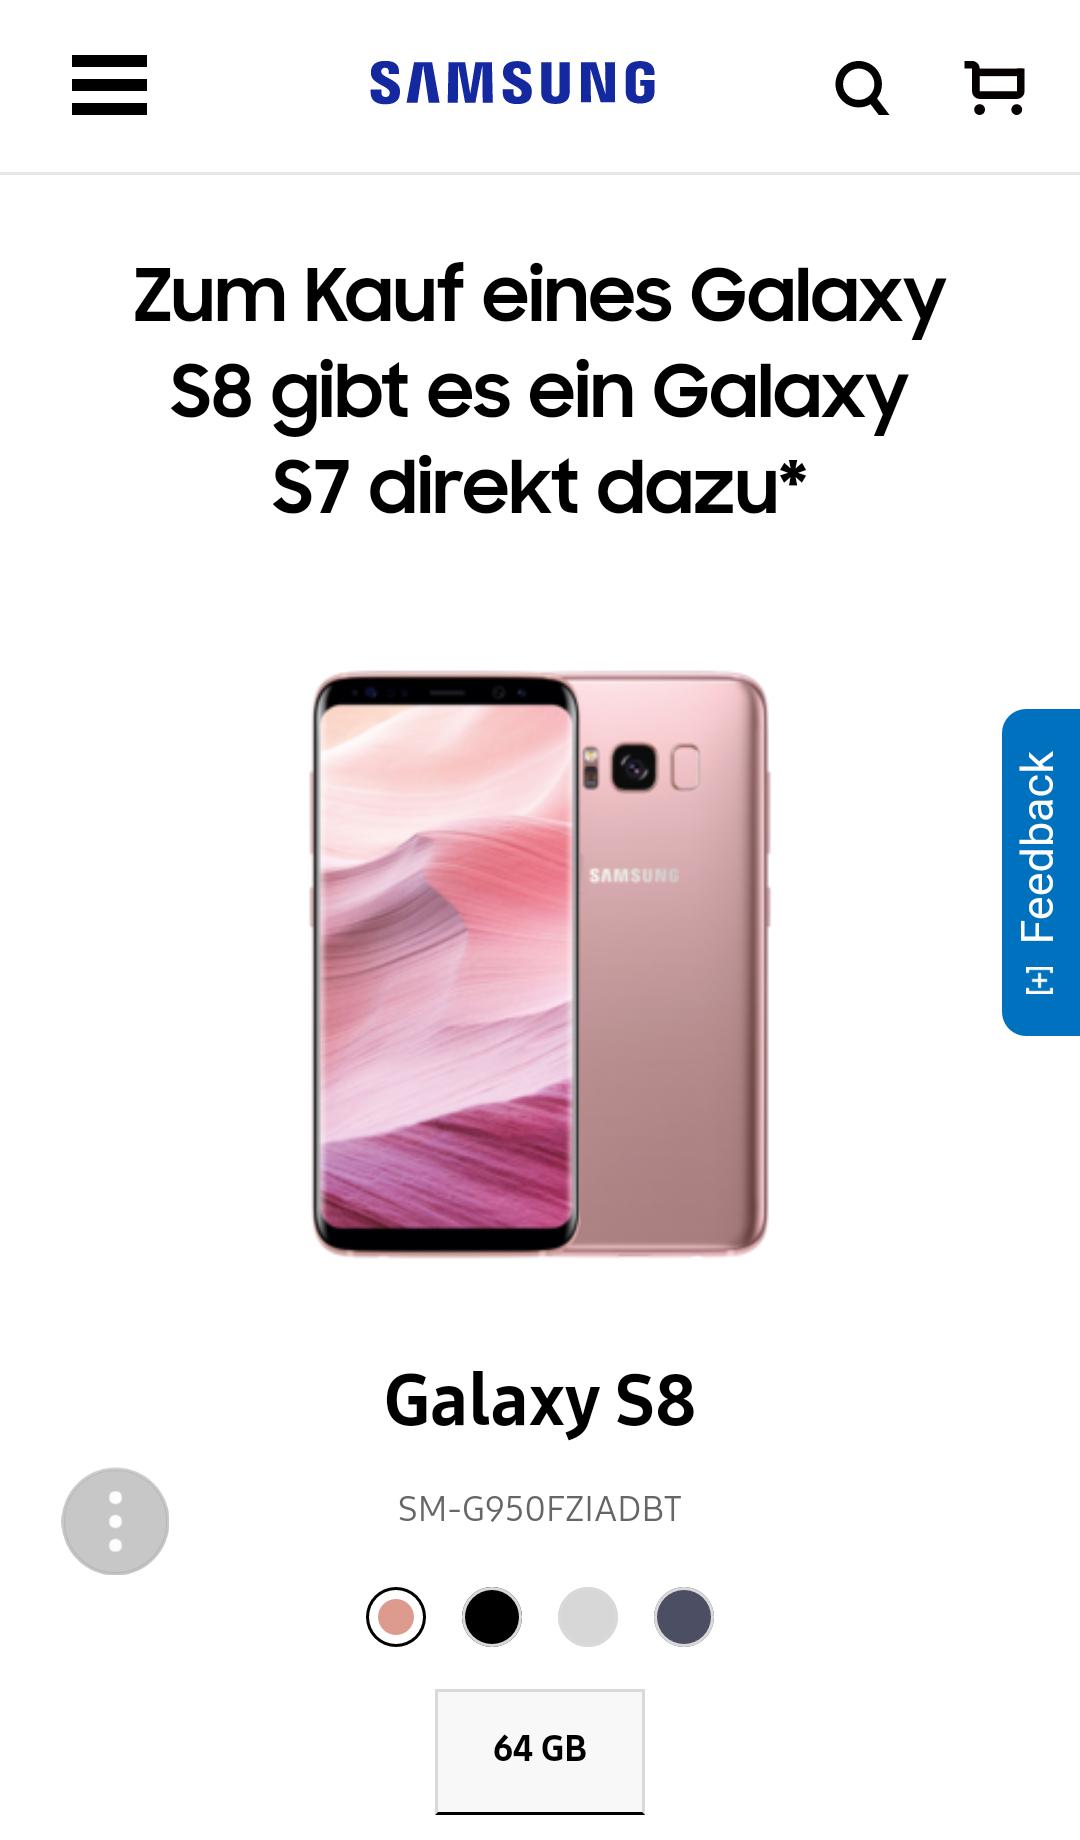 Galaxy S8 kaufen +S7 Gratis dazu #BlackFriday Samsung Online